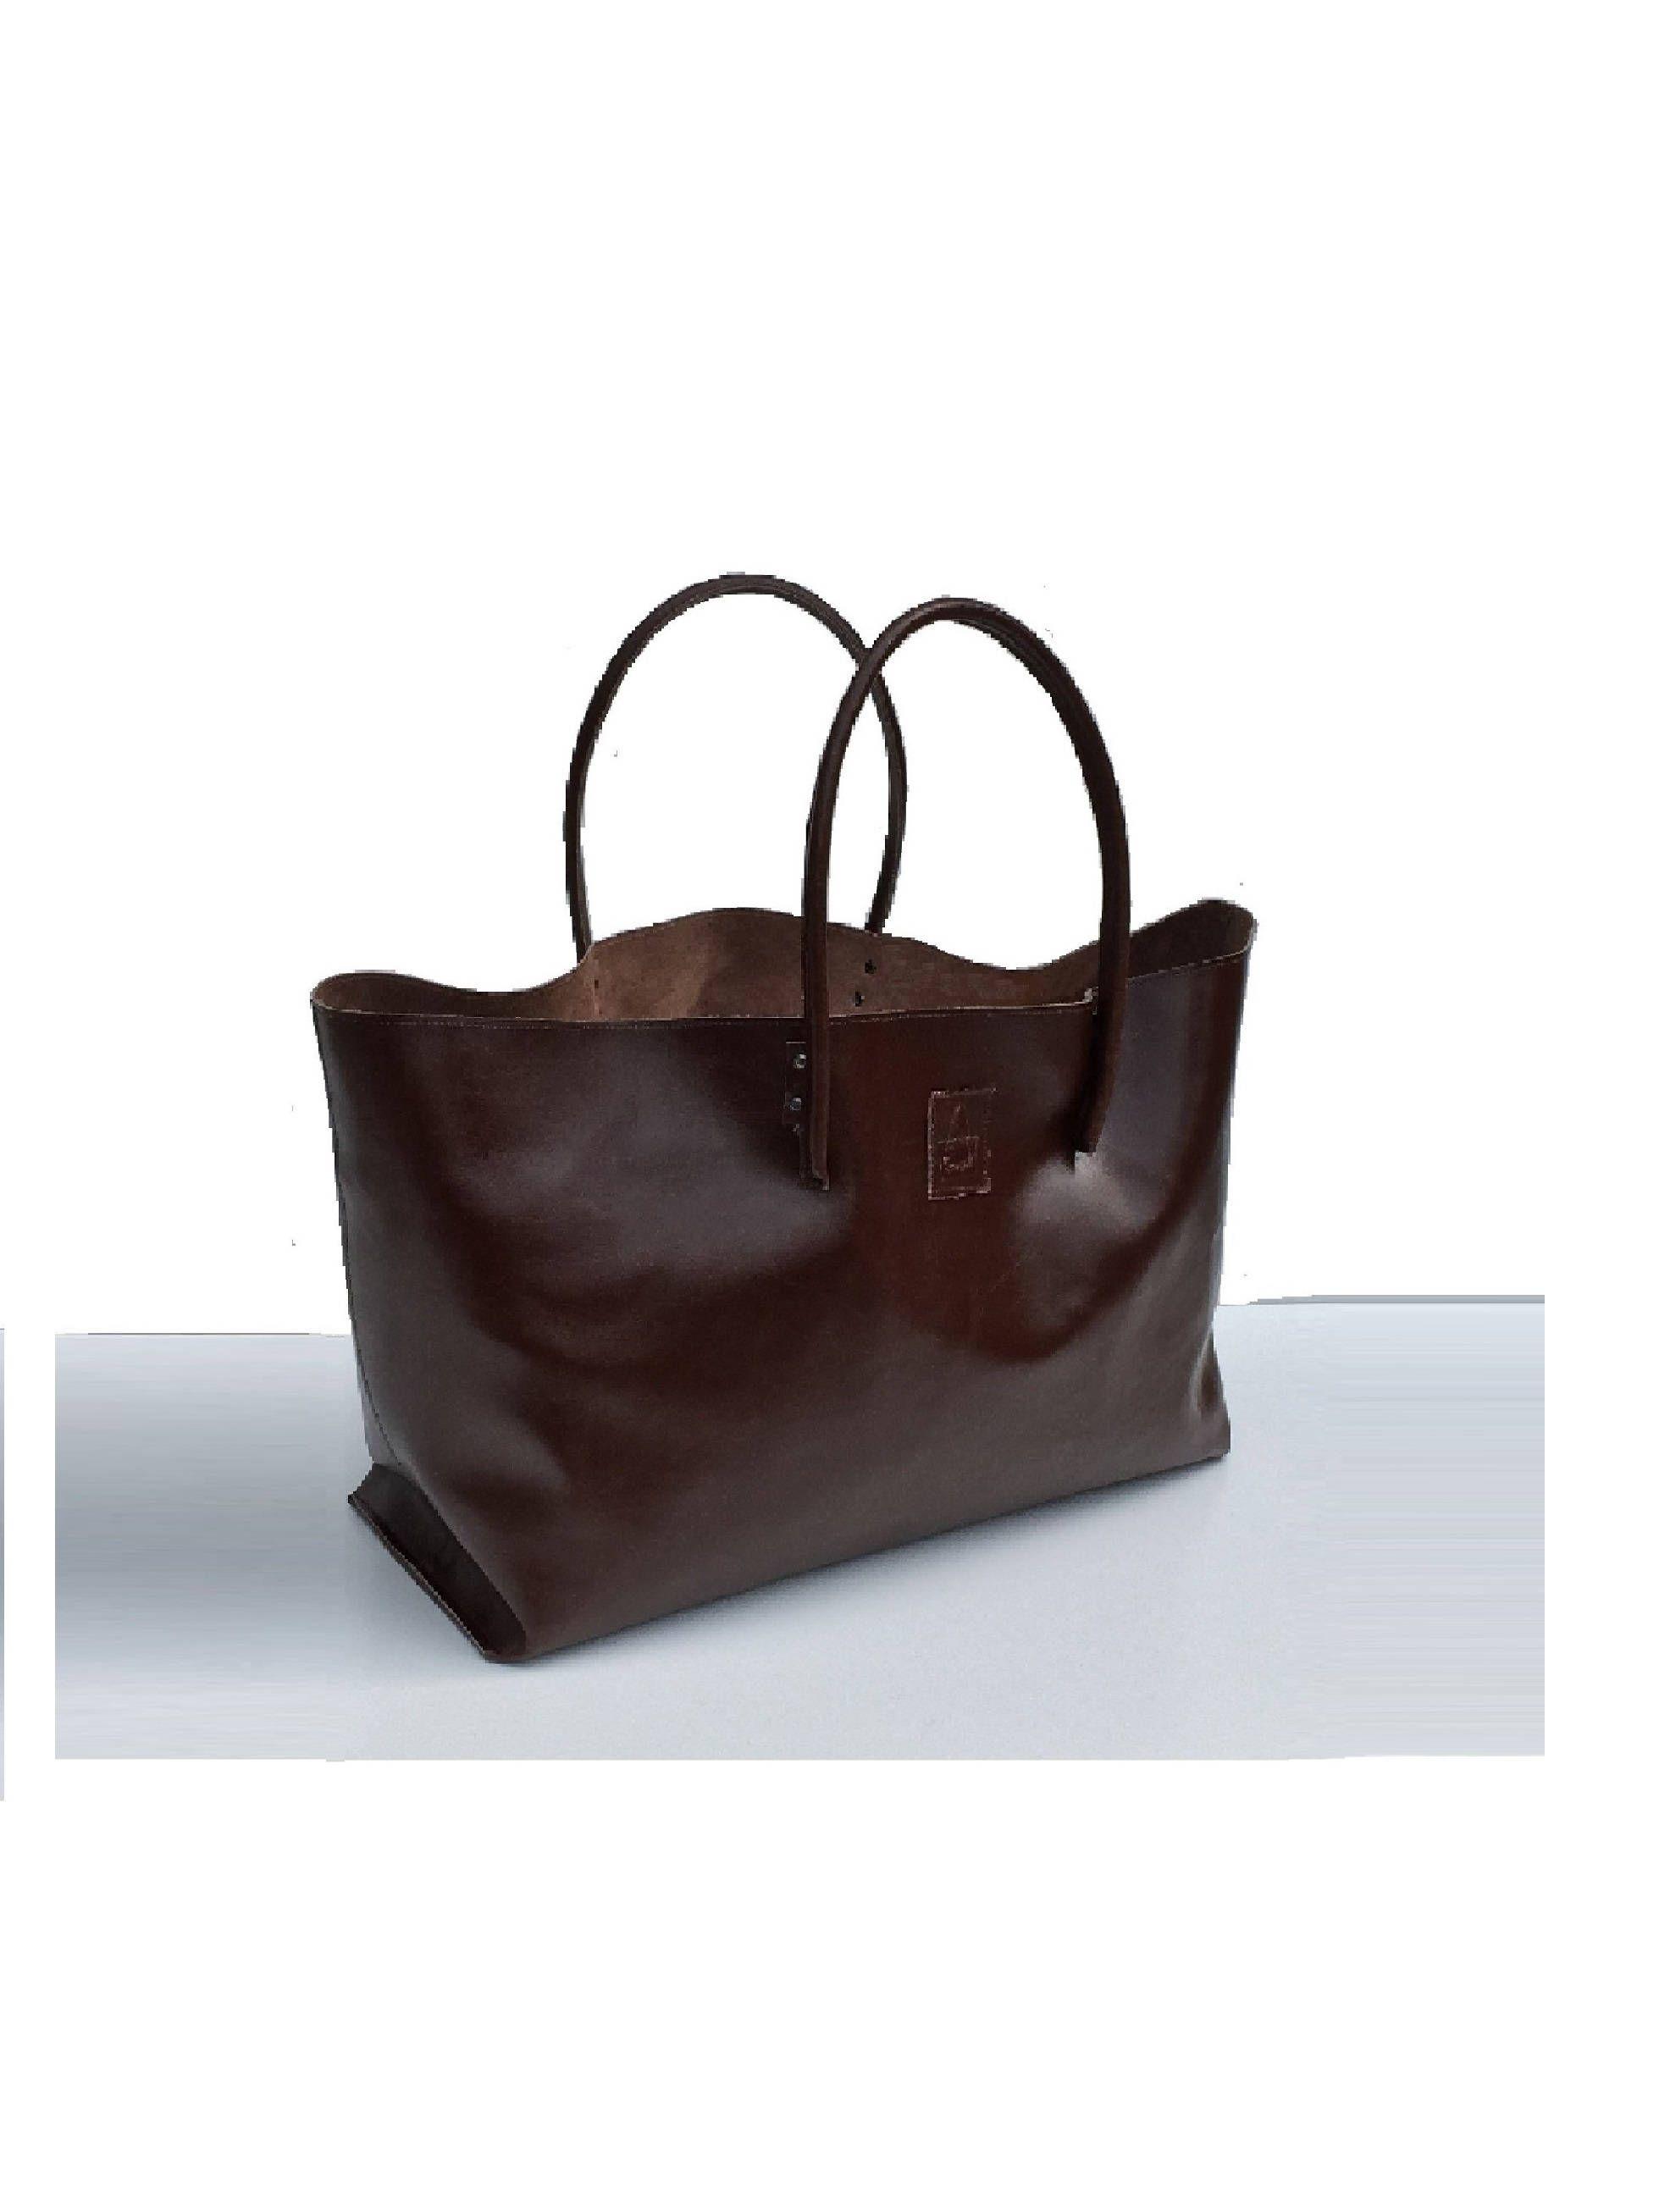 2b91c96571243 große Ledertasche XXL Shopper Ledershopper Einkaufstasche für Großeinkauf  braun handmade von Goldtaschen auf Etsy Leder Shopper